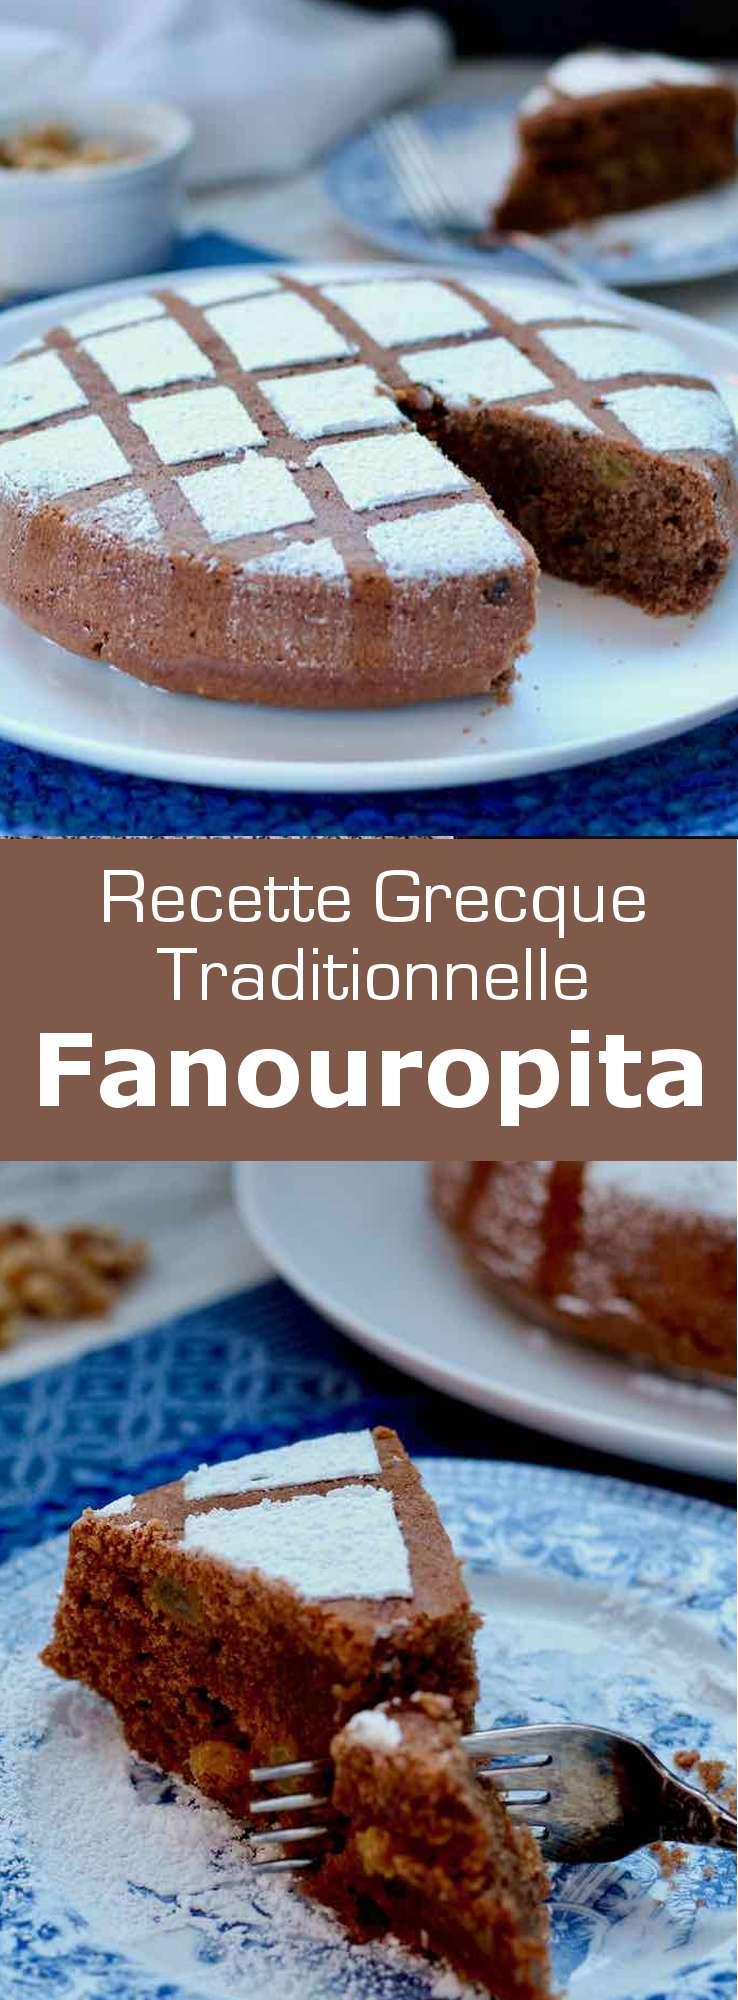 La fanouropita (φανουρόπιτα) est un gâteau traditionnel grec offert le 27 août, le jour de la Saint Phanourios (patron des objets perdus), composé de raisins secs et de noix. #Grece #RecetteGrecque #CuisineGrecque #CuisineMediterraneenne #CuisineDuMonde #196flavors